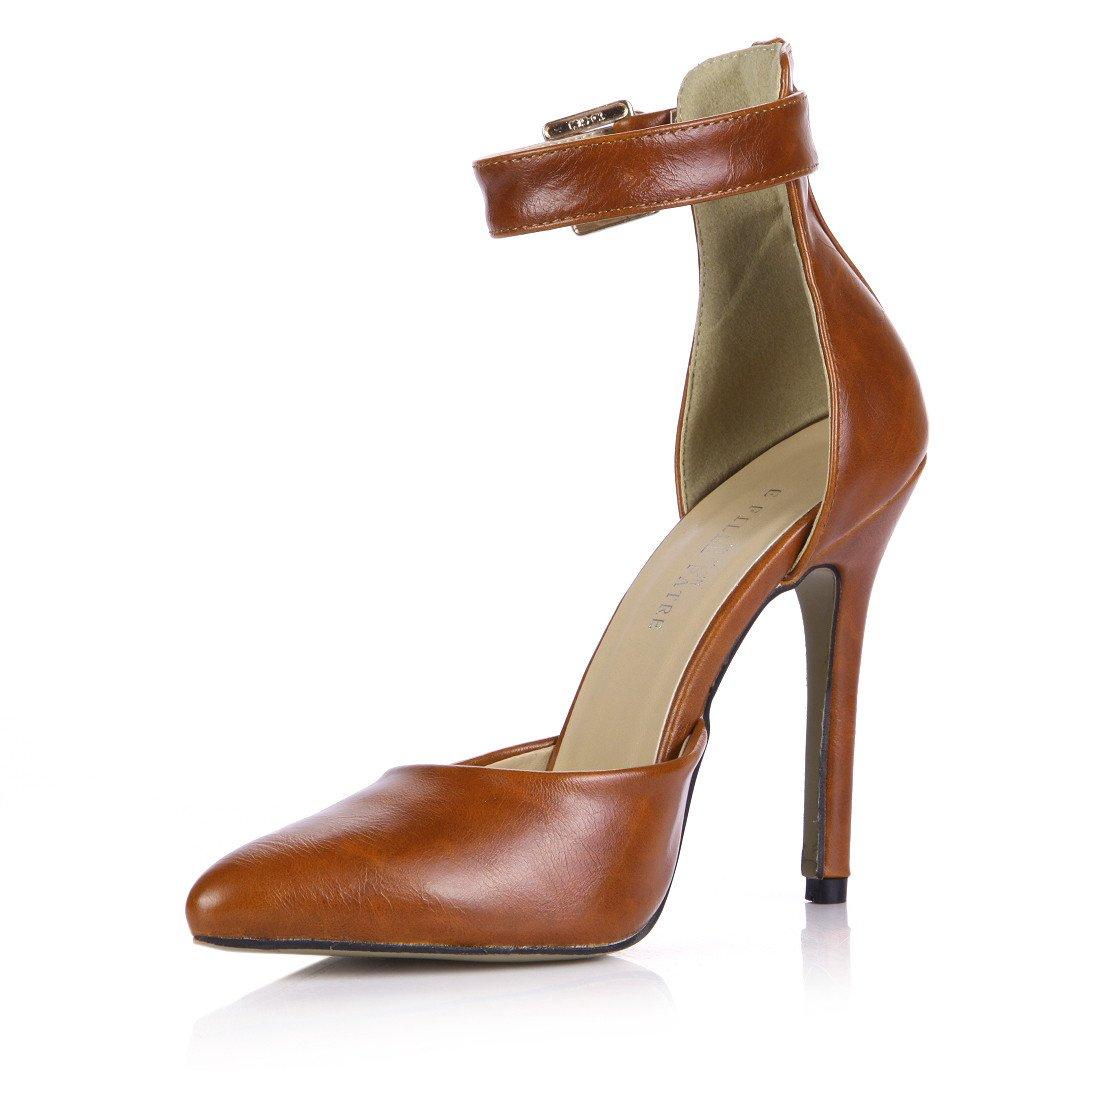 Camel Les femmes célibataires en Europe et en Amérique Nouvelle Conseils produits chaussures femmes pour les plus gros mot antistatique et chaussures de talon haut en couleur US8.5   EU39   UK6.5   CN40